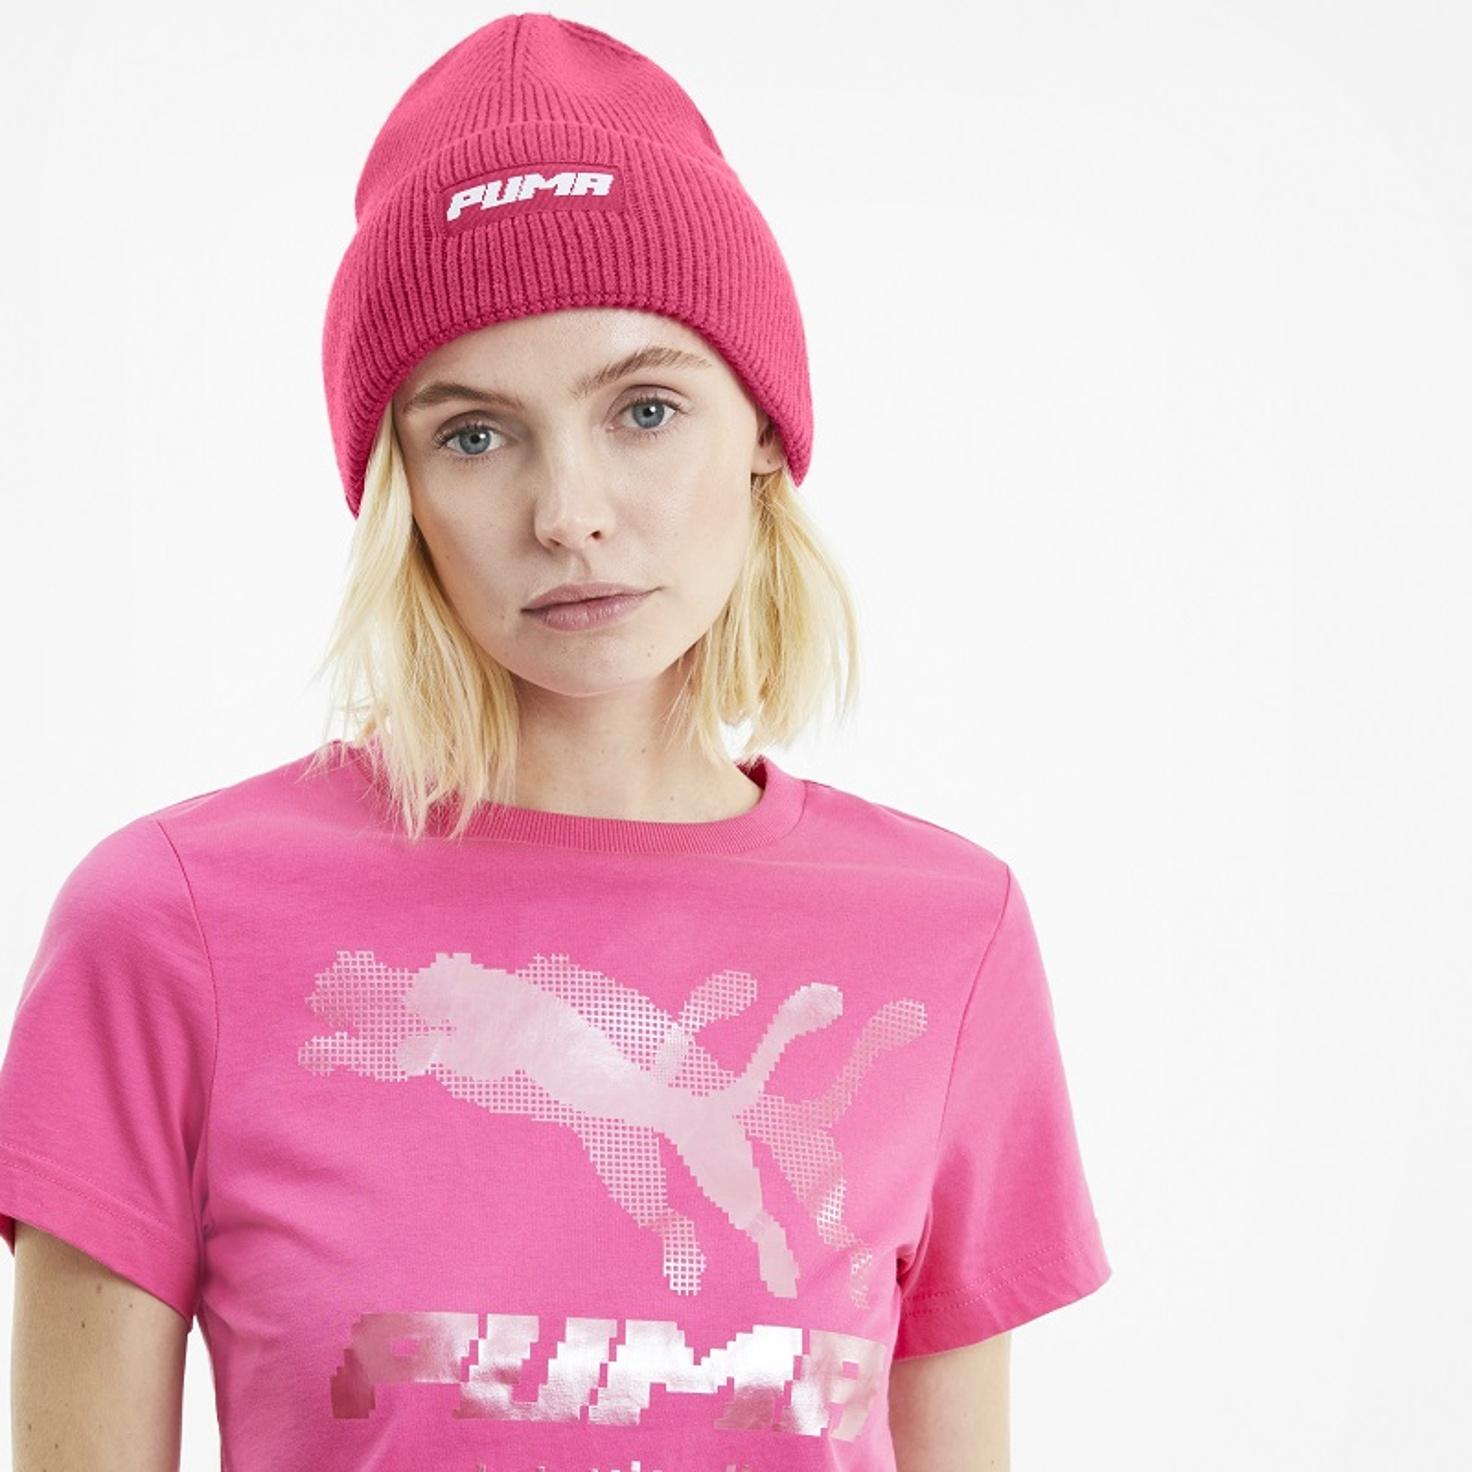 Nová růžová kolekce PUMA Pretty Pink: Výrazná, drzá a pohodlná